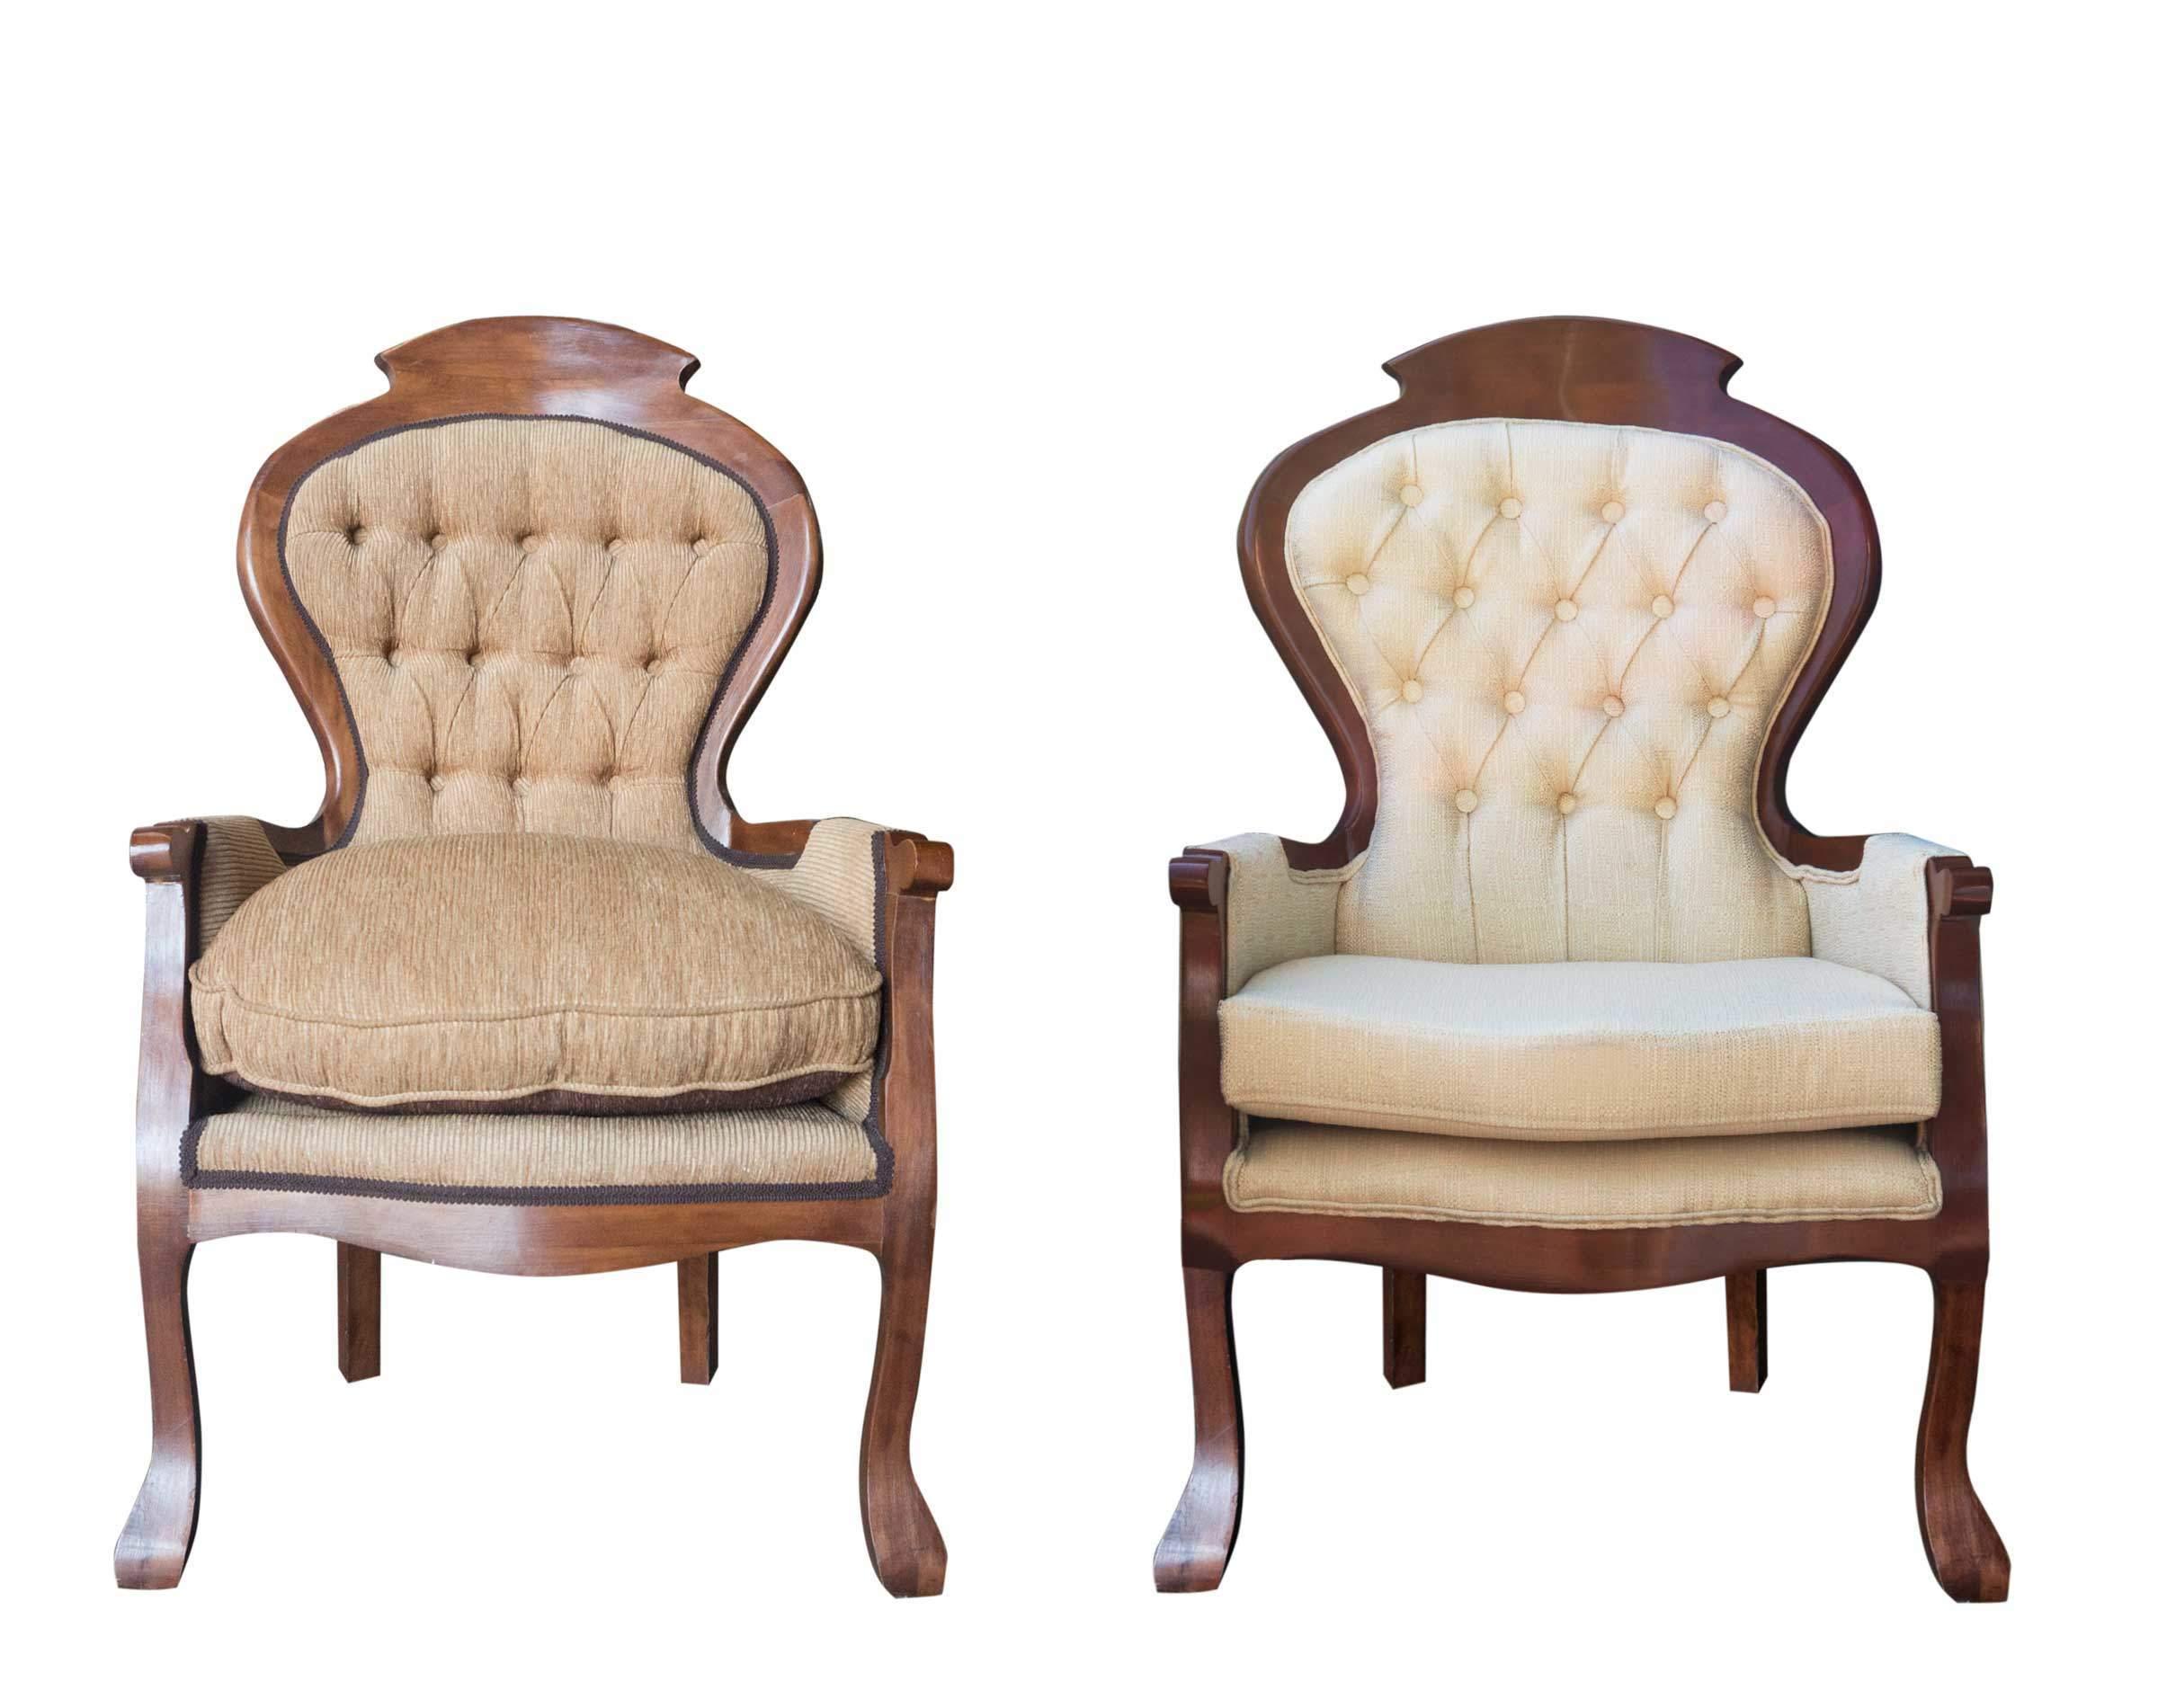 Livingstore cl sof s decoraci n santiago y regiones de - Sillas y sillones modernos ...